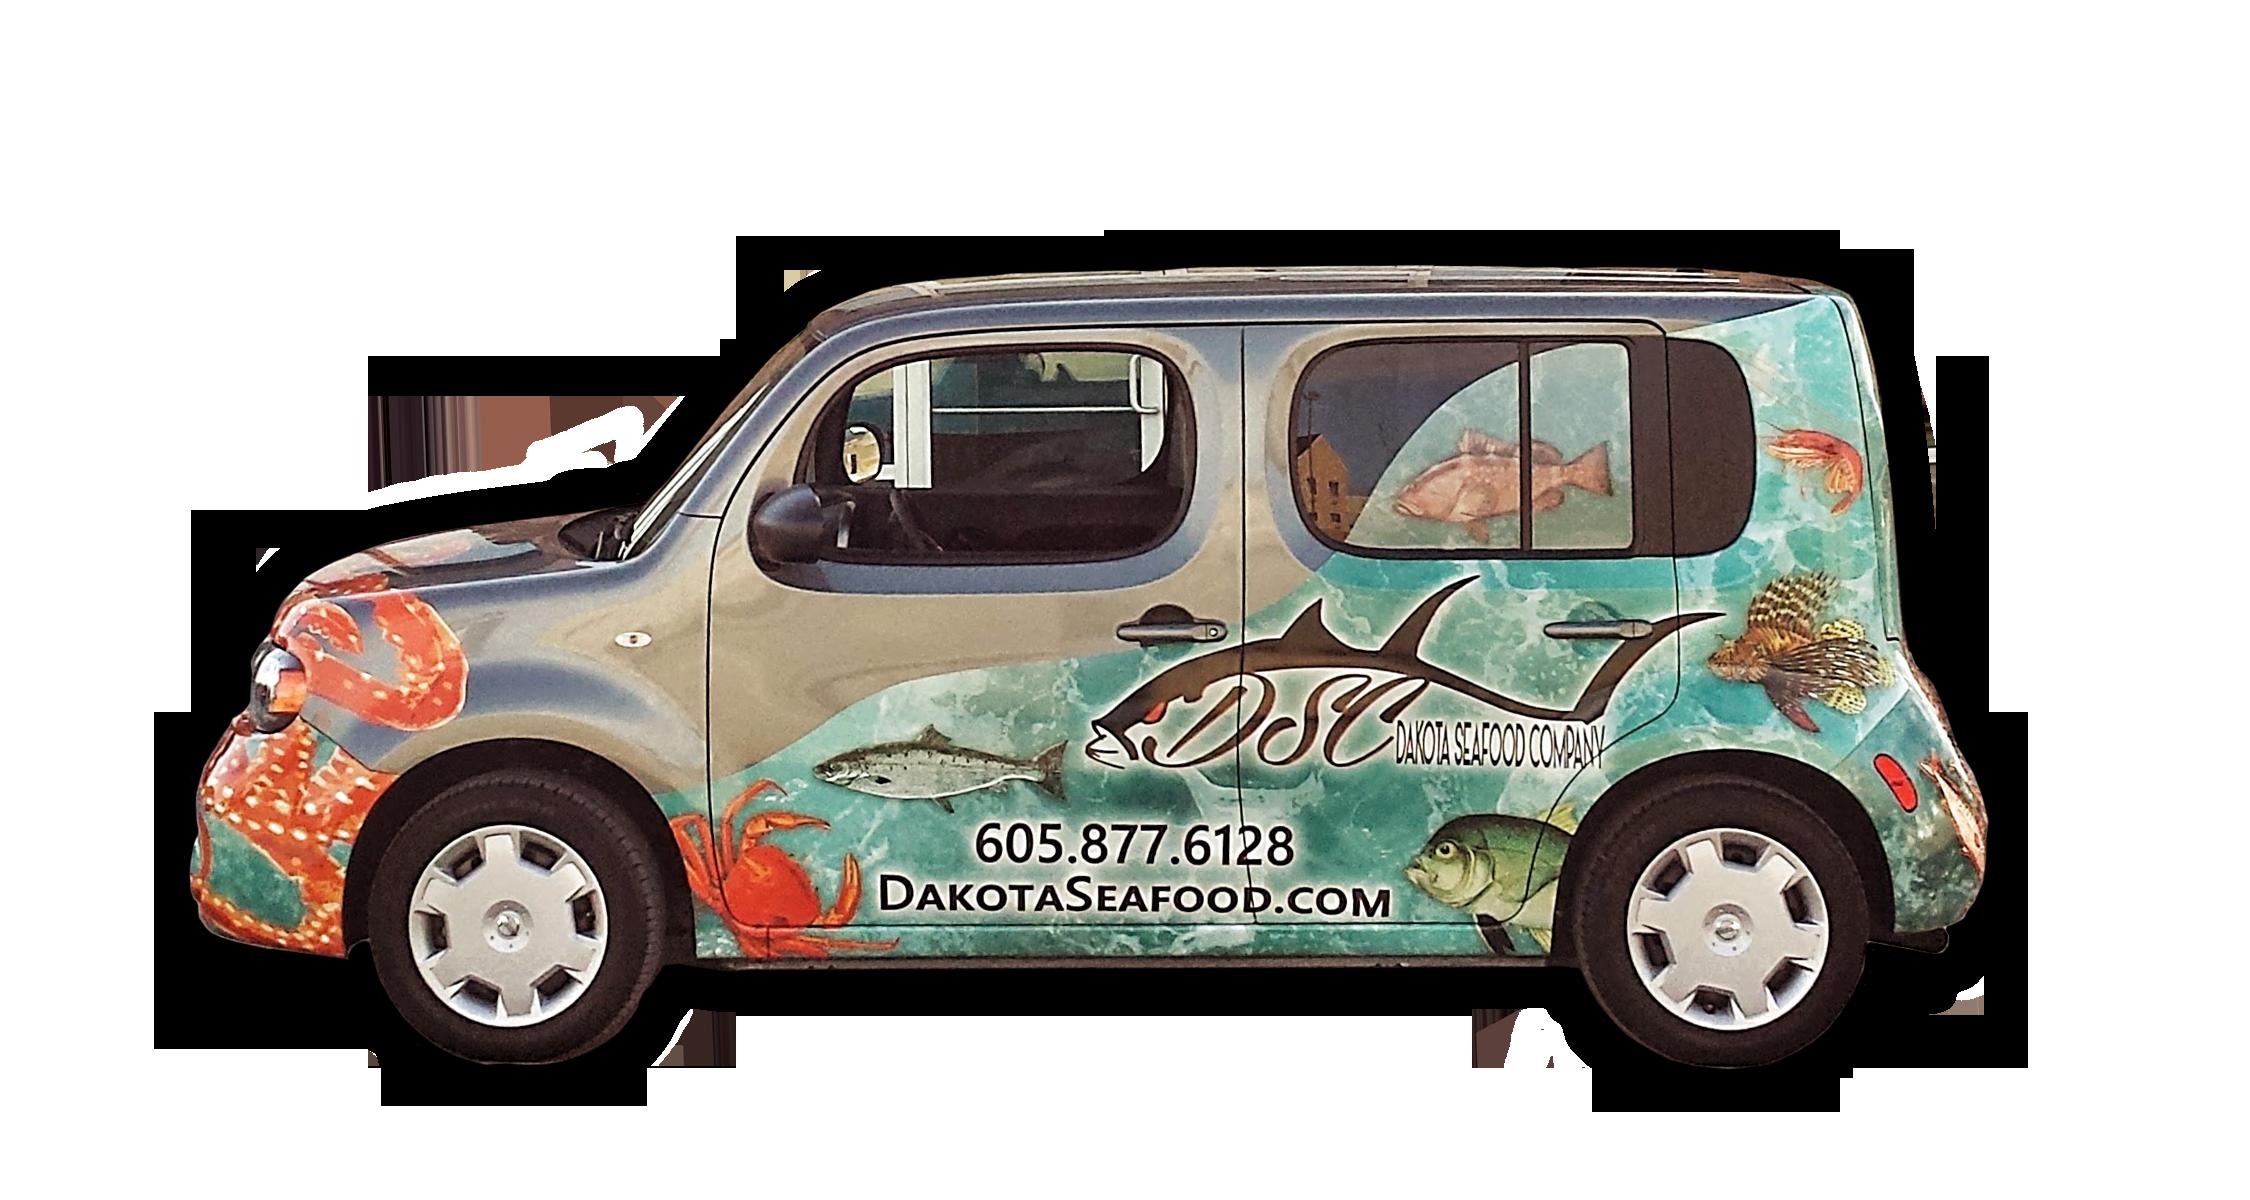 Dakota Seafood Company